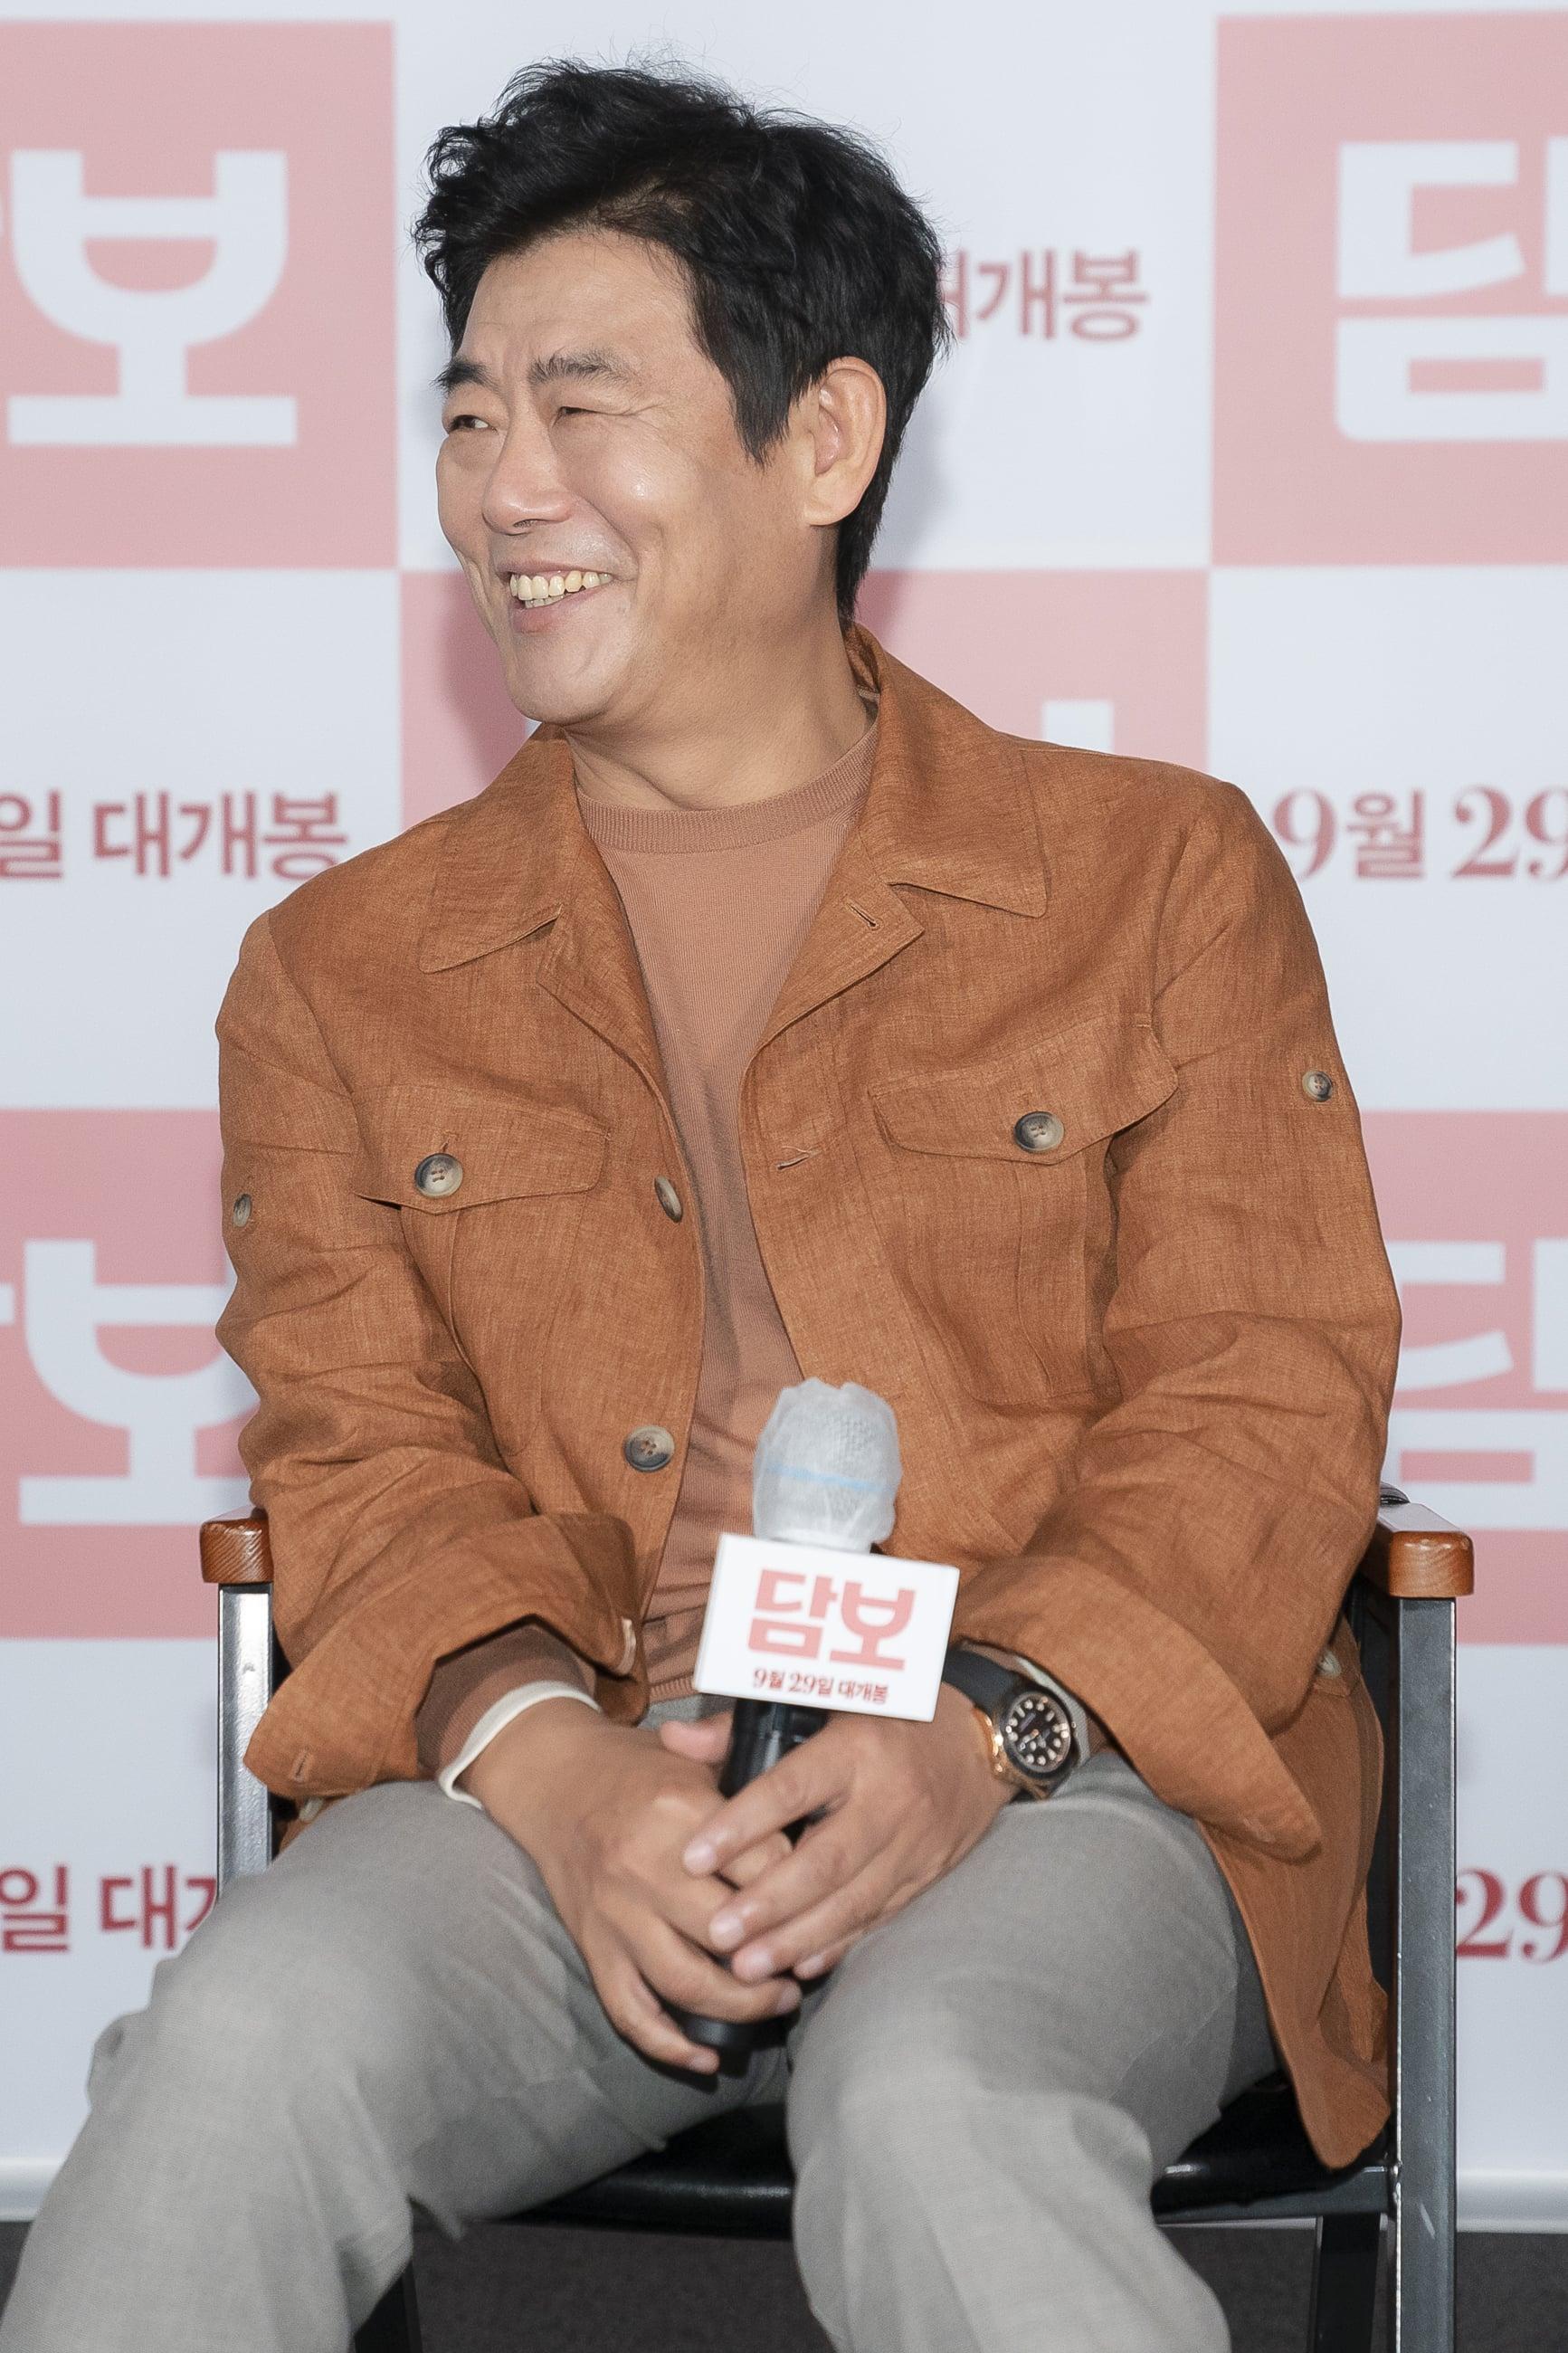 영화 '담보' 출연 배우 성동일 . 사진 CJ엔터테인먼트